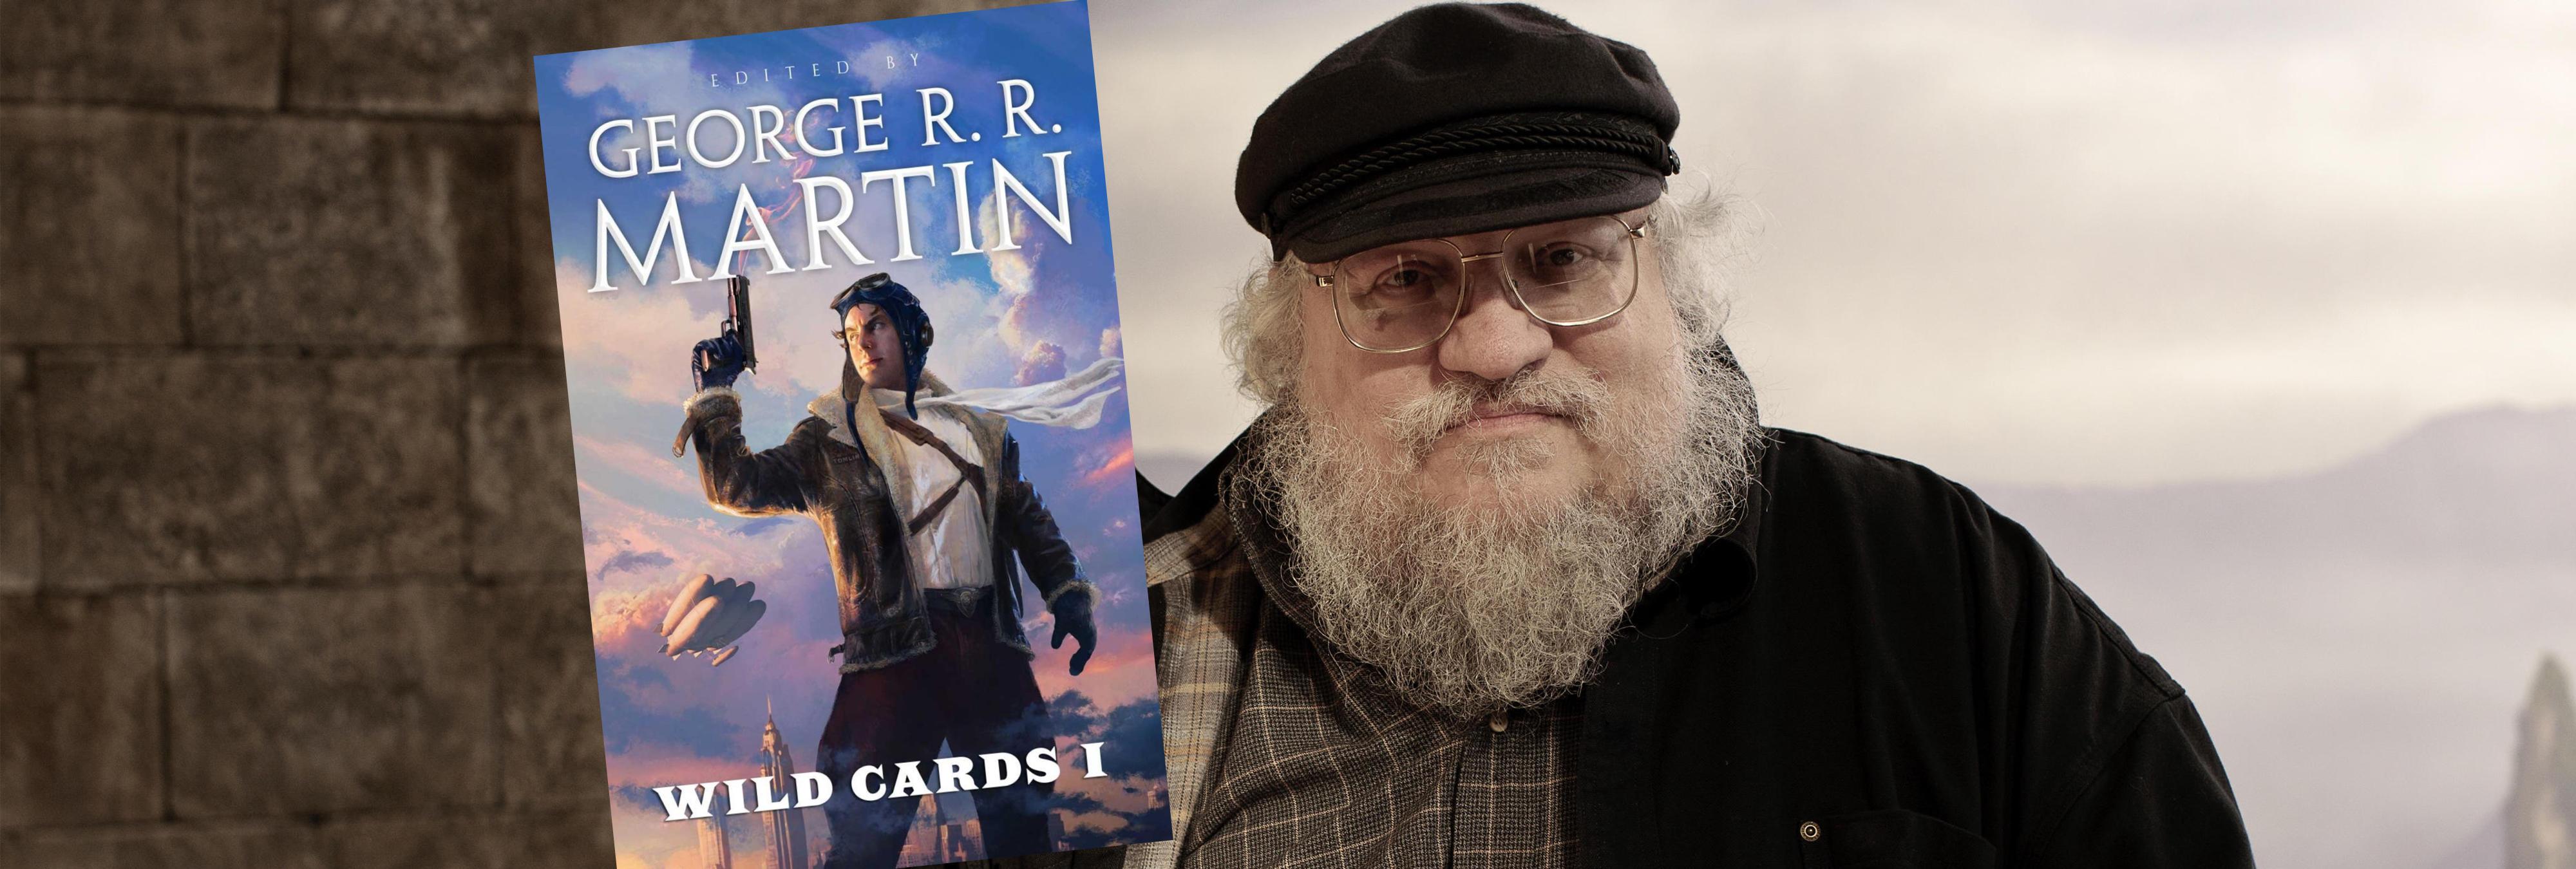 George R. R. Martin prepara una nueva serie sobre otra de sus sagas literarias